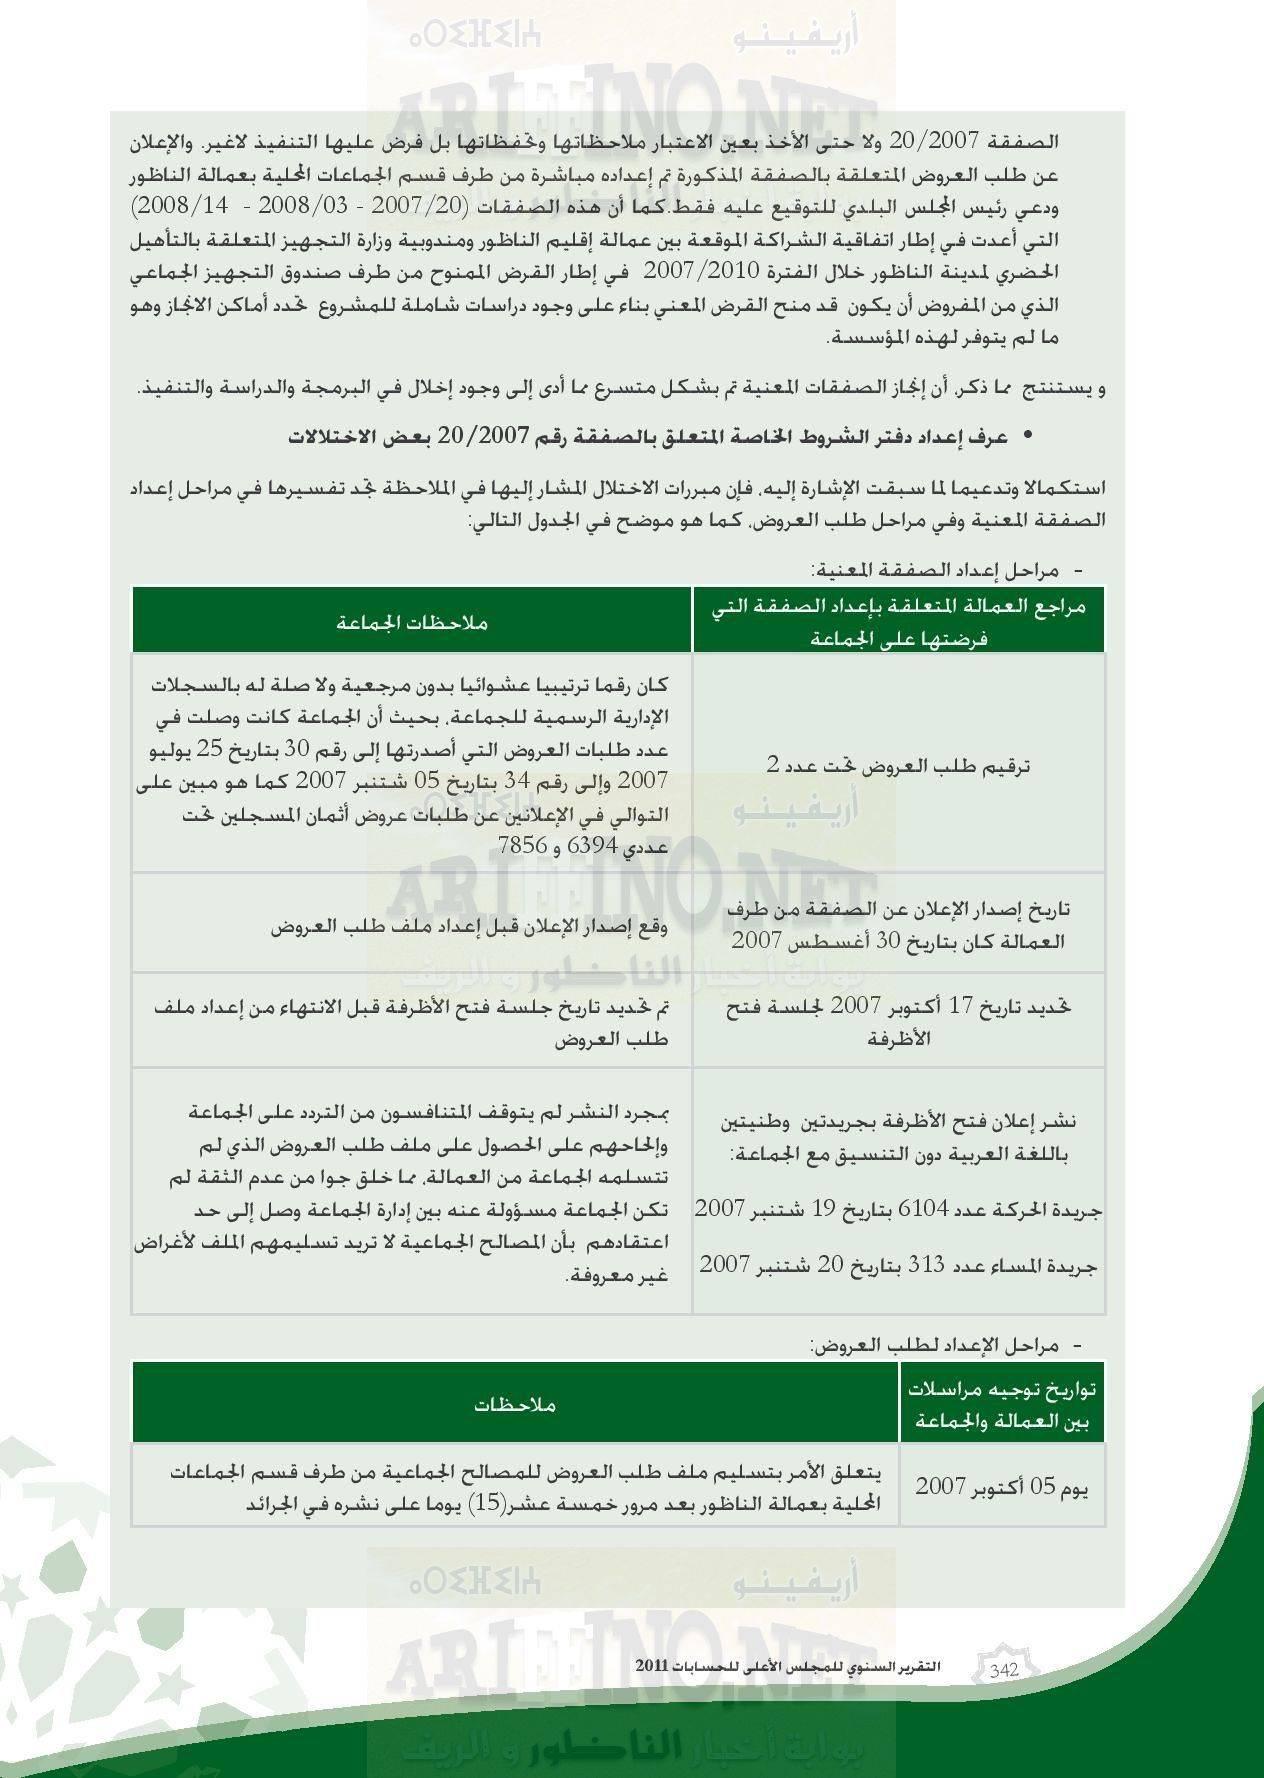 nador_0068 تقرير المجلس الاعلى للحسابات: بلدية الناظور تعيش إختلالات و عشوائية و عاجزة عن القيام بمهامها